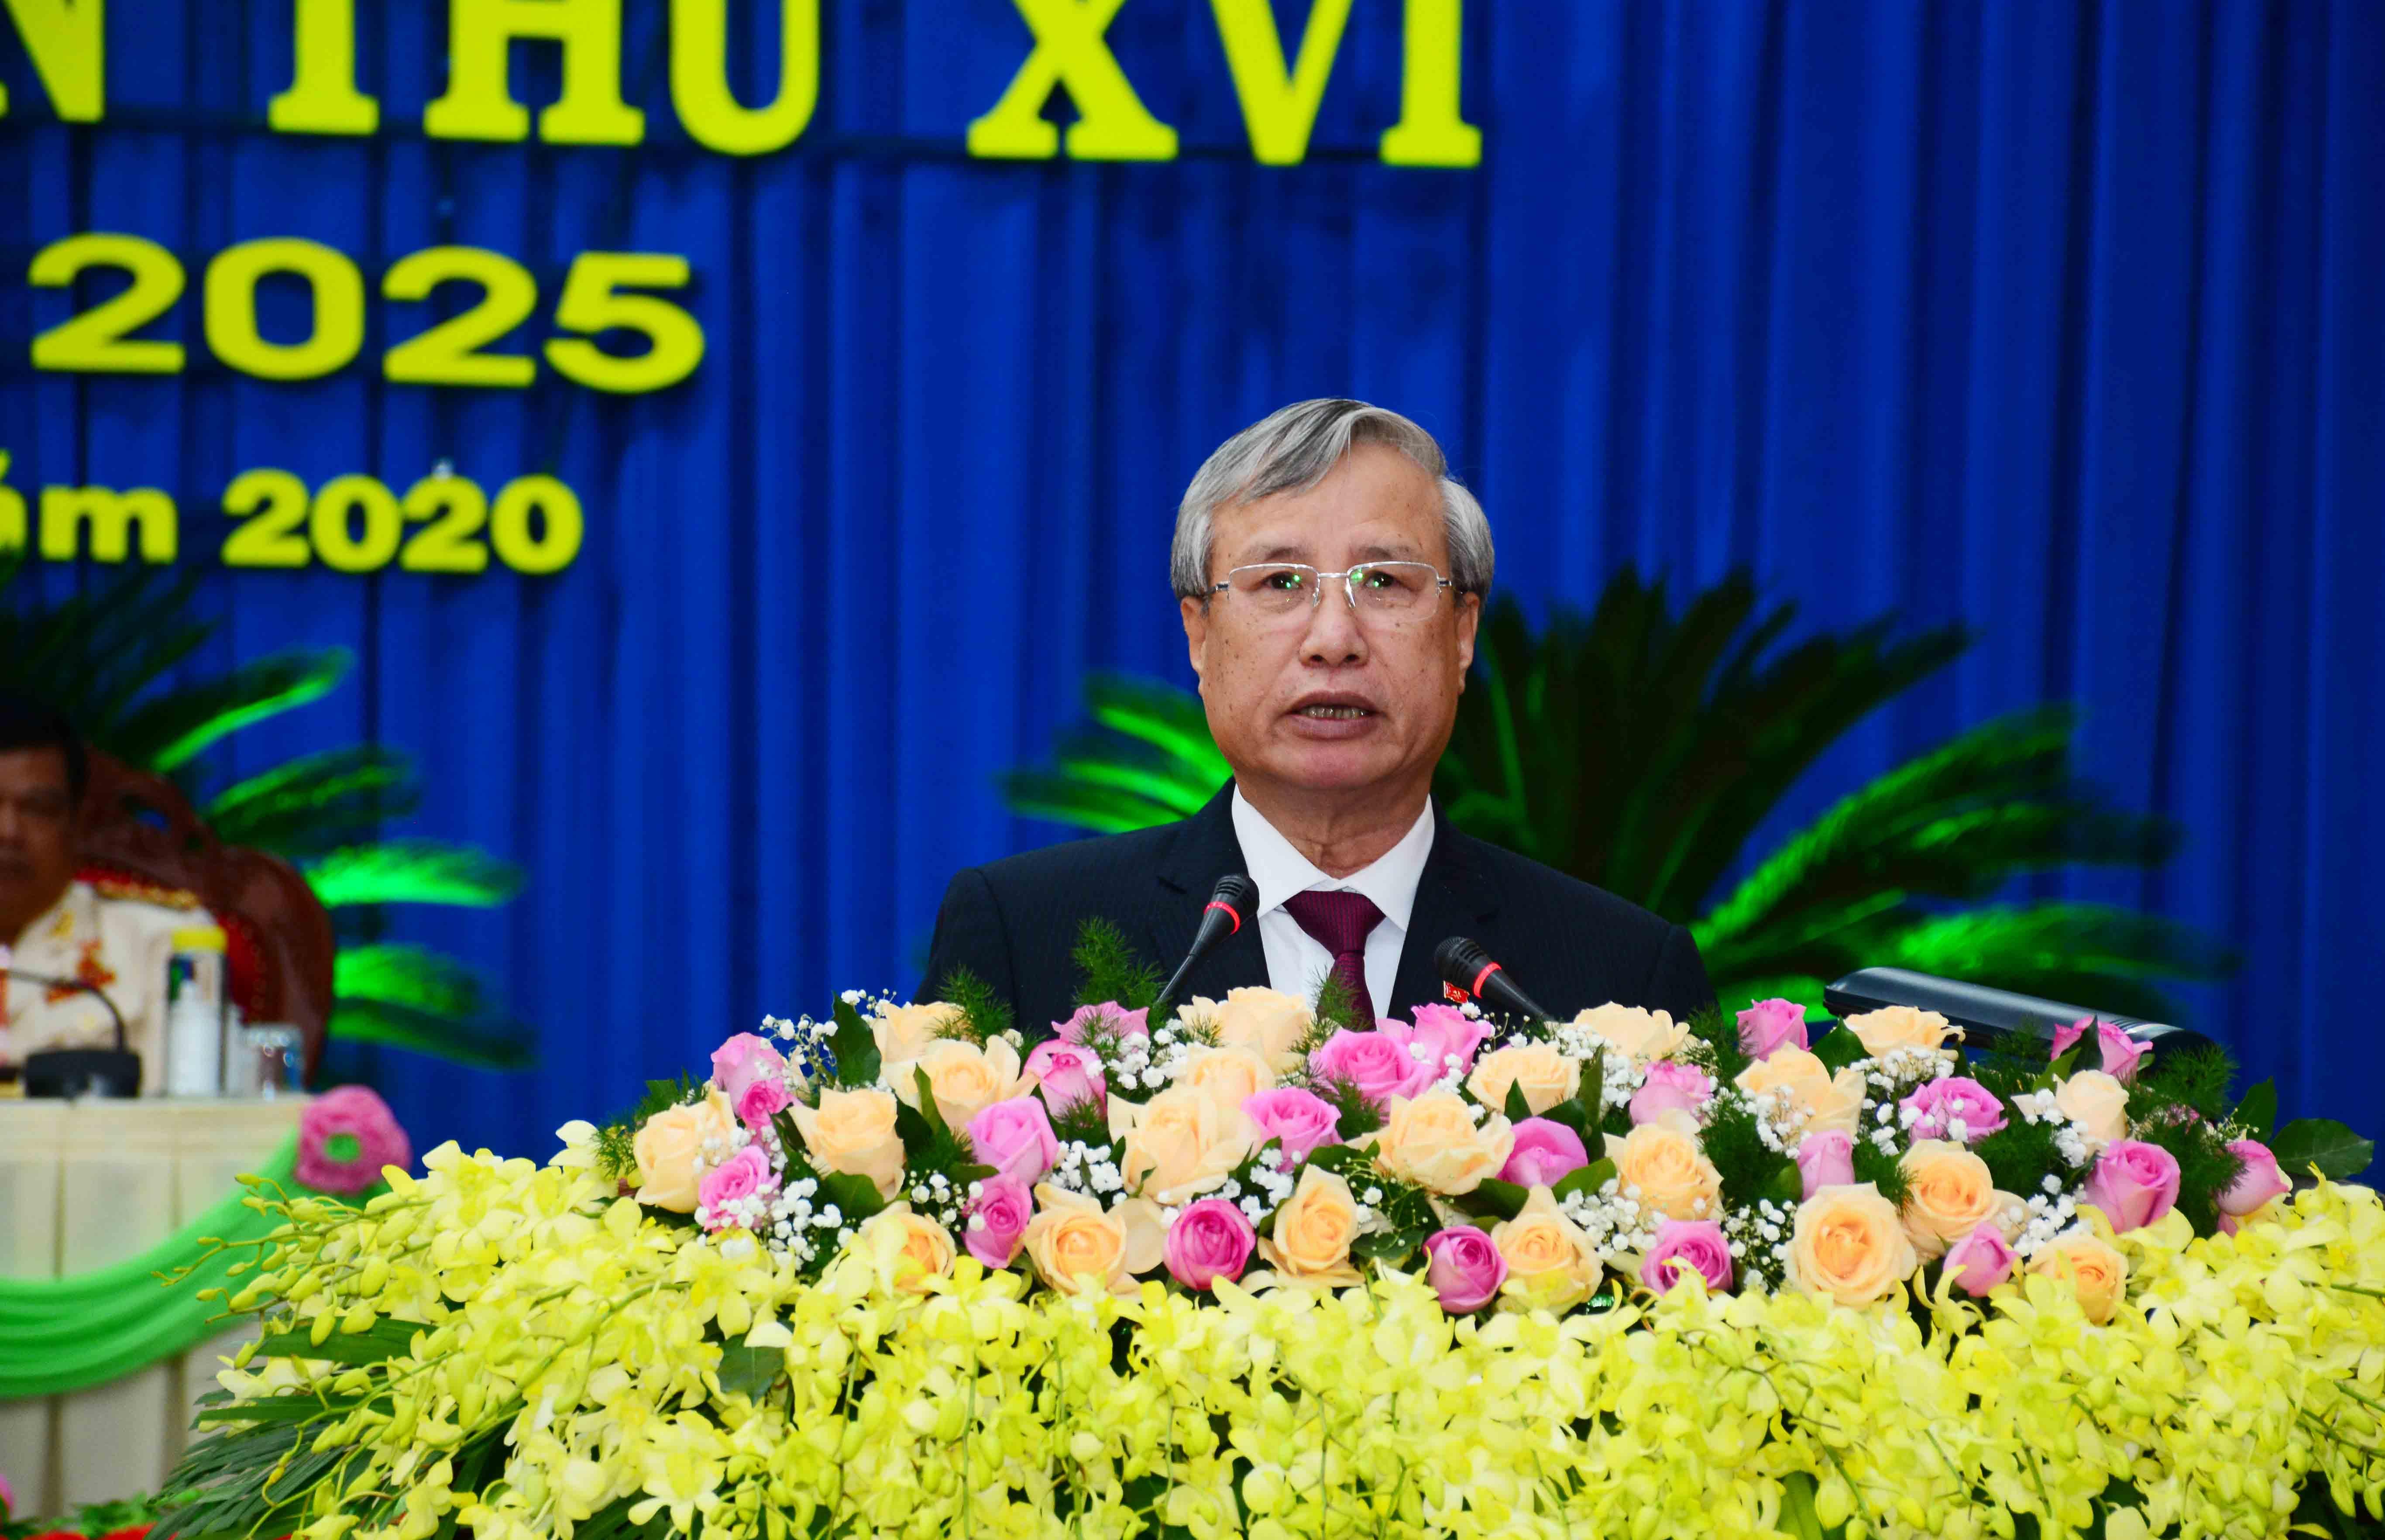 đồng chí Trần Quốc Vượng, Ủy viên Bộ Chính trị, Thường trực Ban Bí thư phát biểu chỉ đạo tại Đại hội. Ảnh: Quang Hồi.